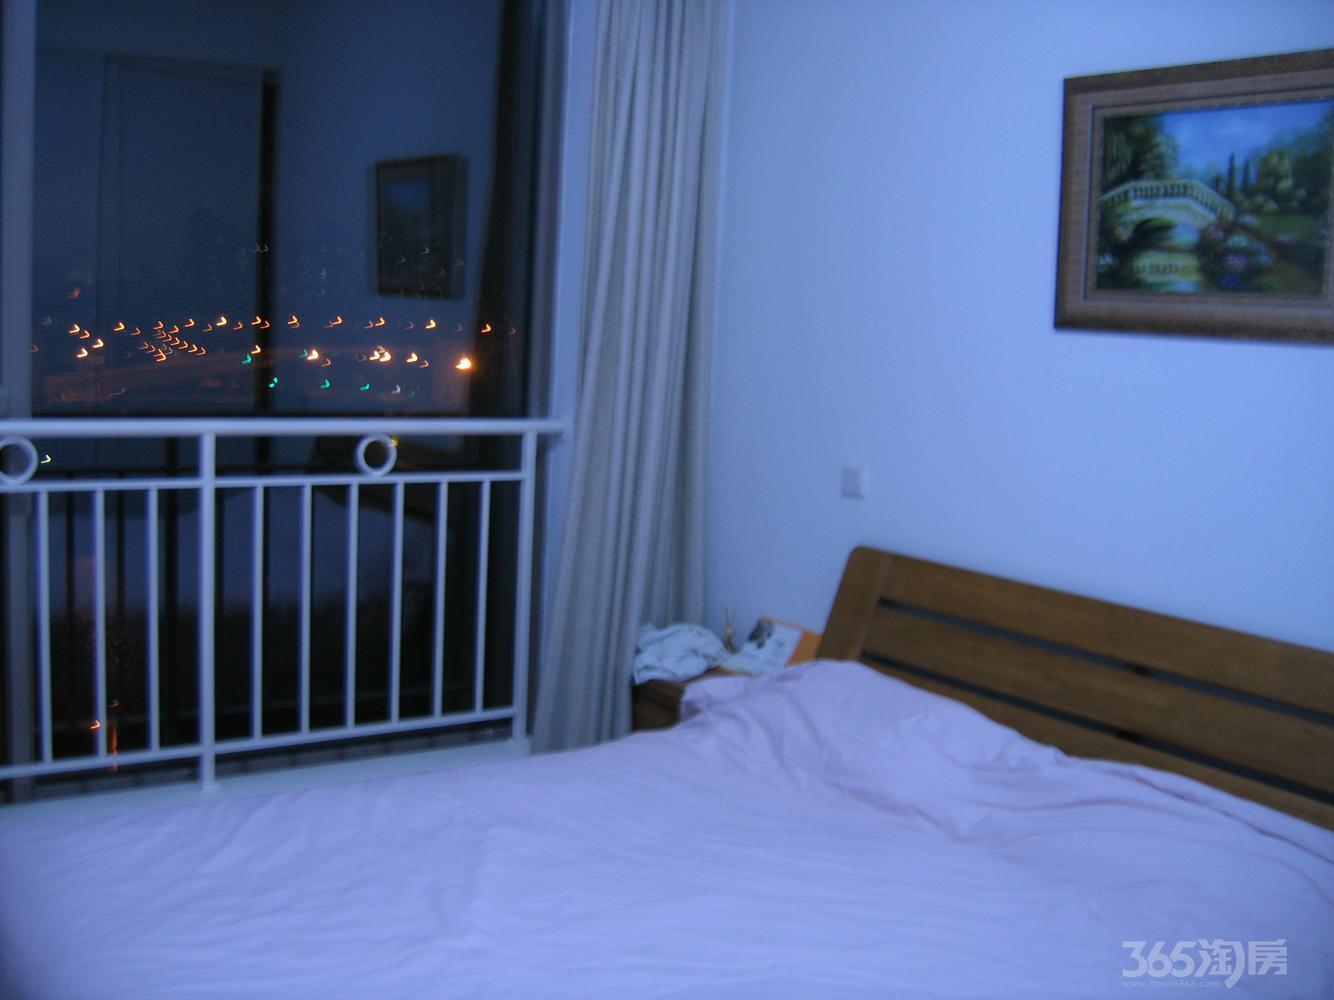 世茂滨江新城1室1厅1卫79平米精装产权房2007年建